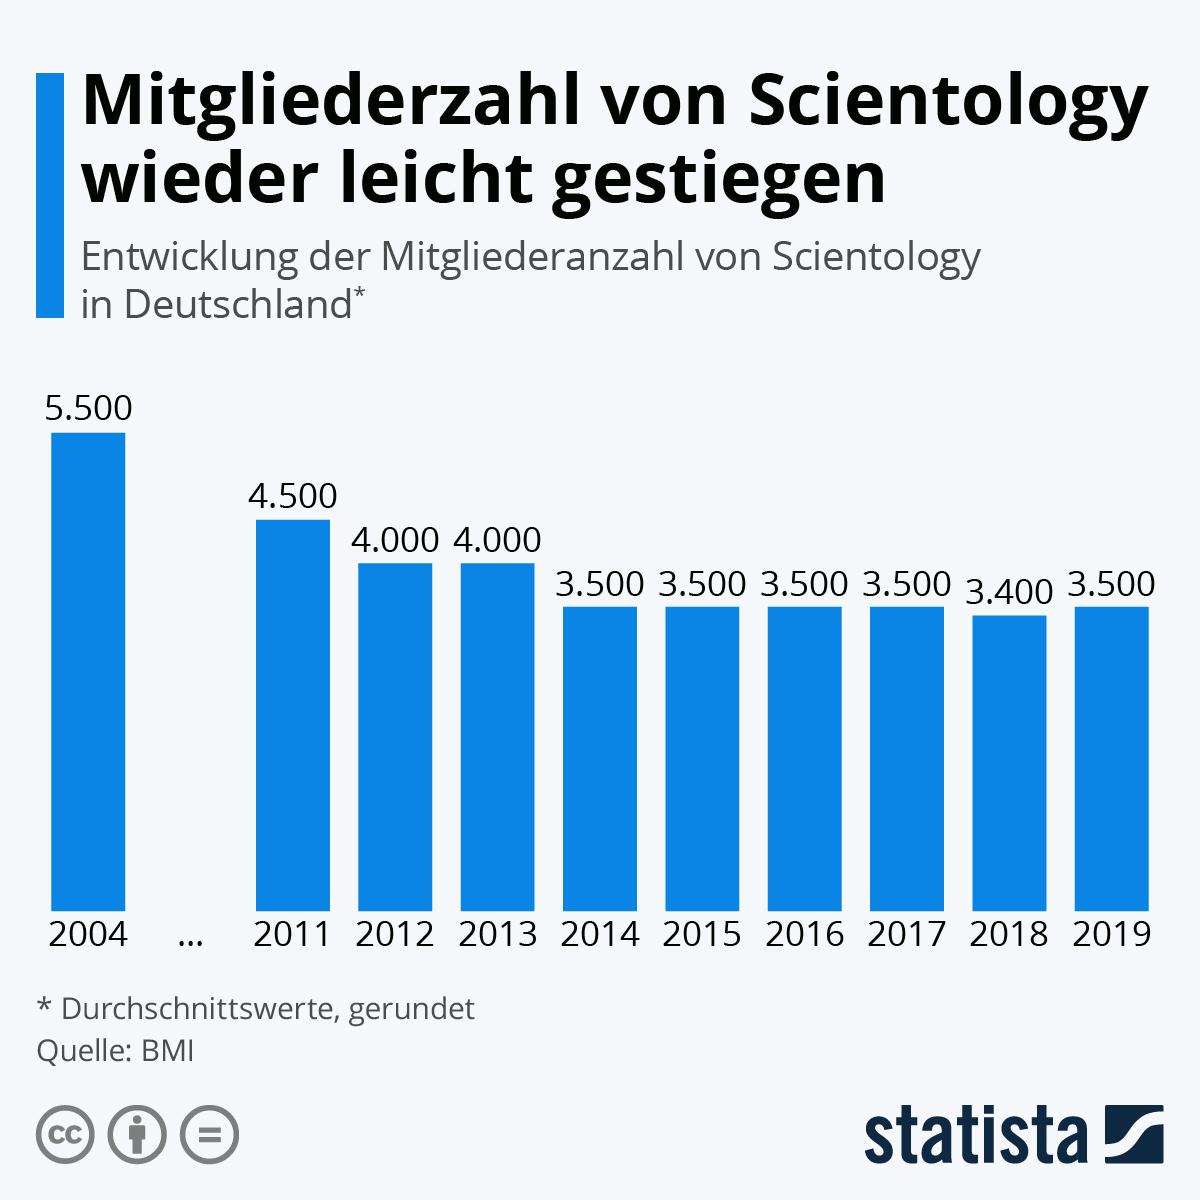 Infografik: Mitgliederzahl von Scientology wieder leicht gestiegen | Statista